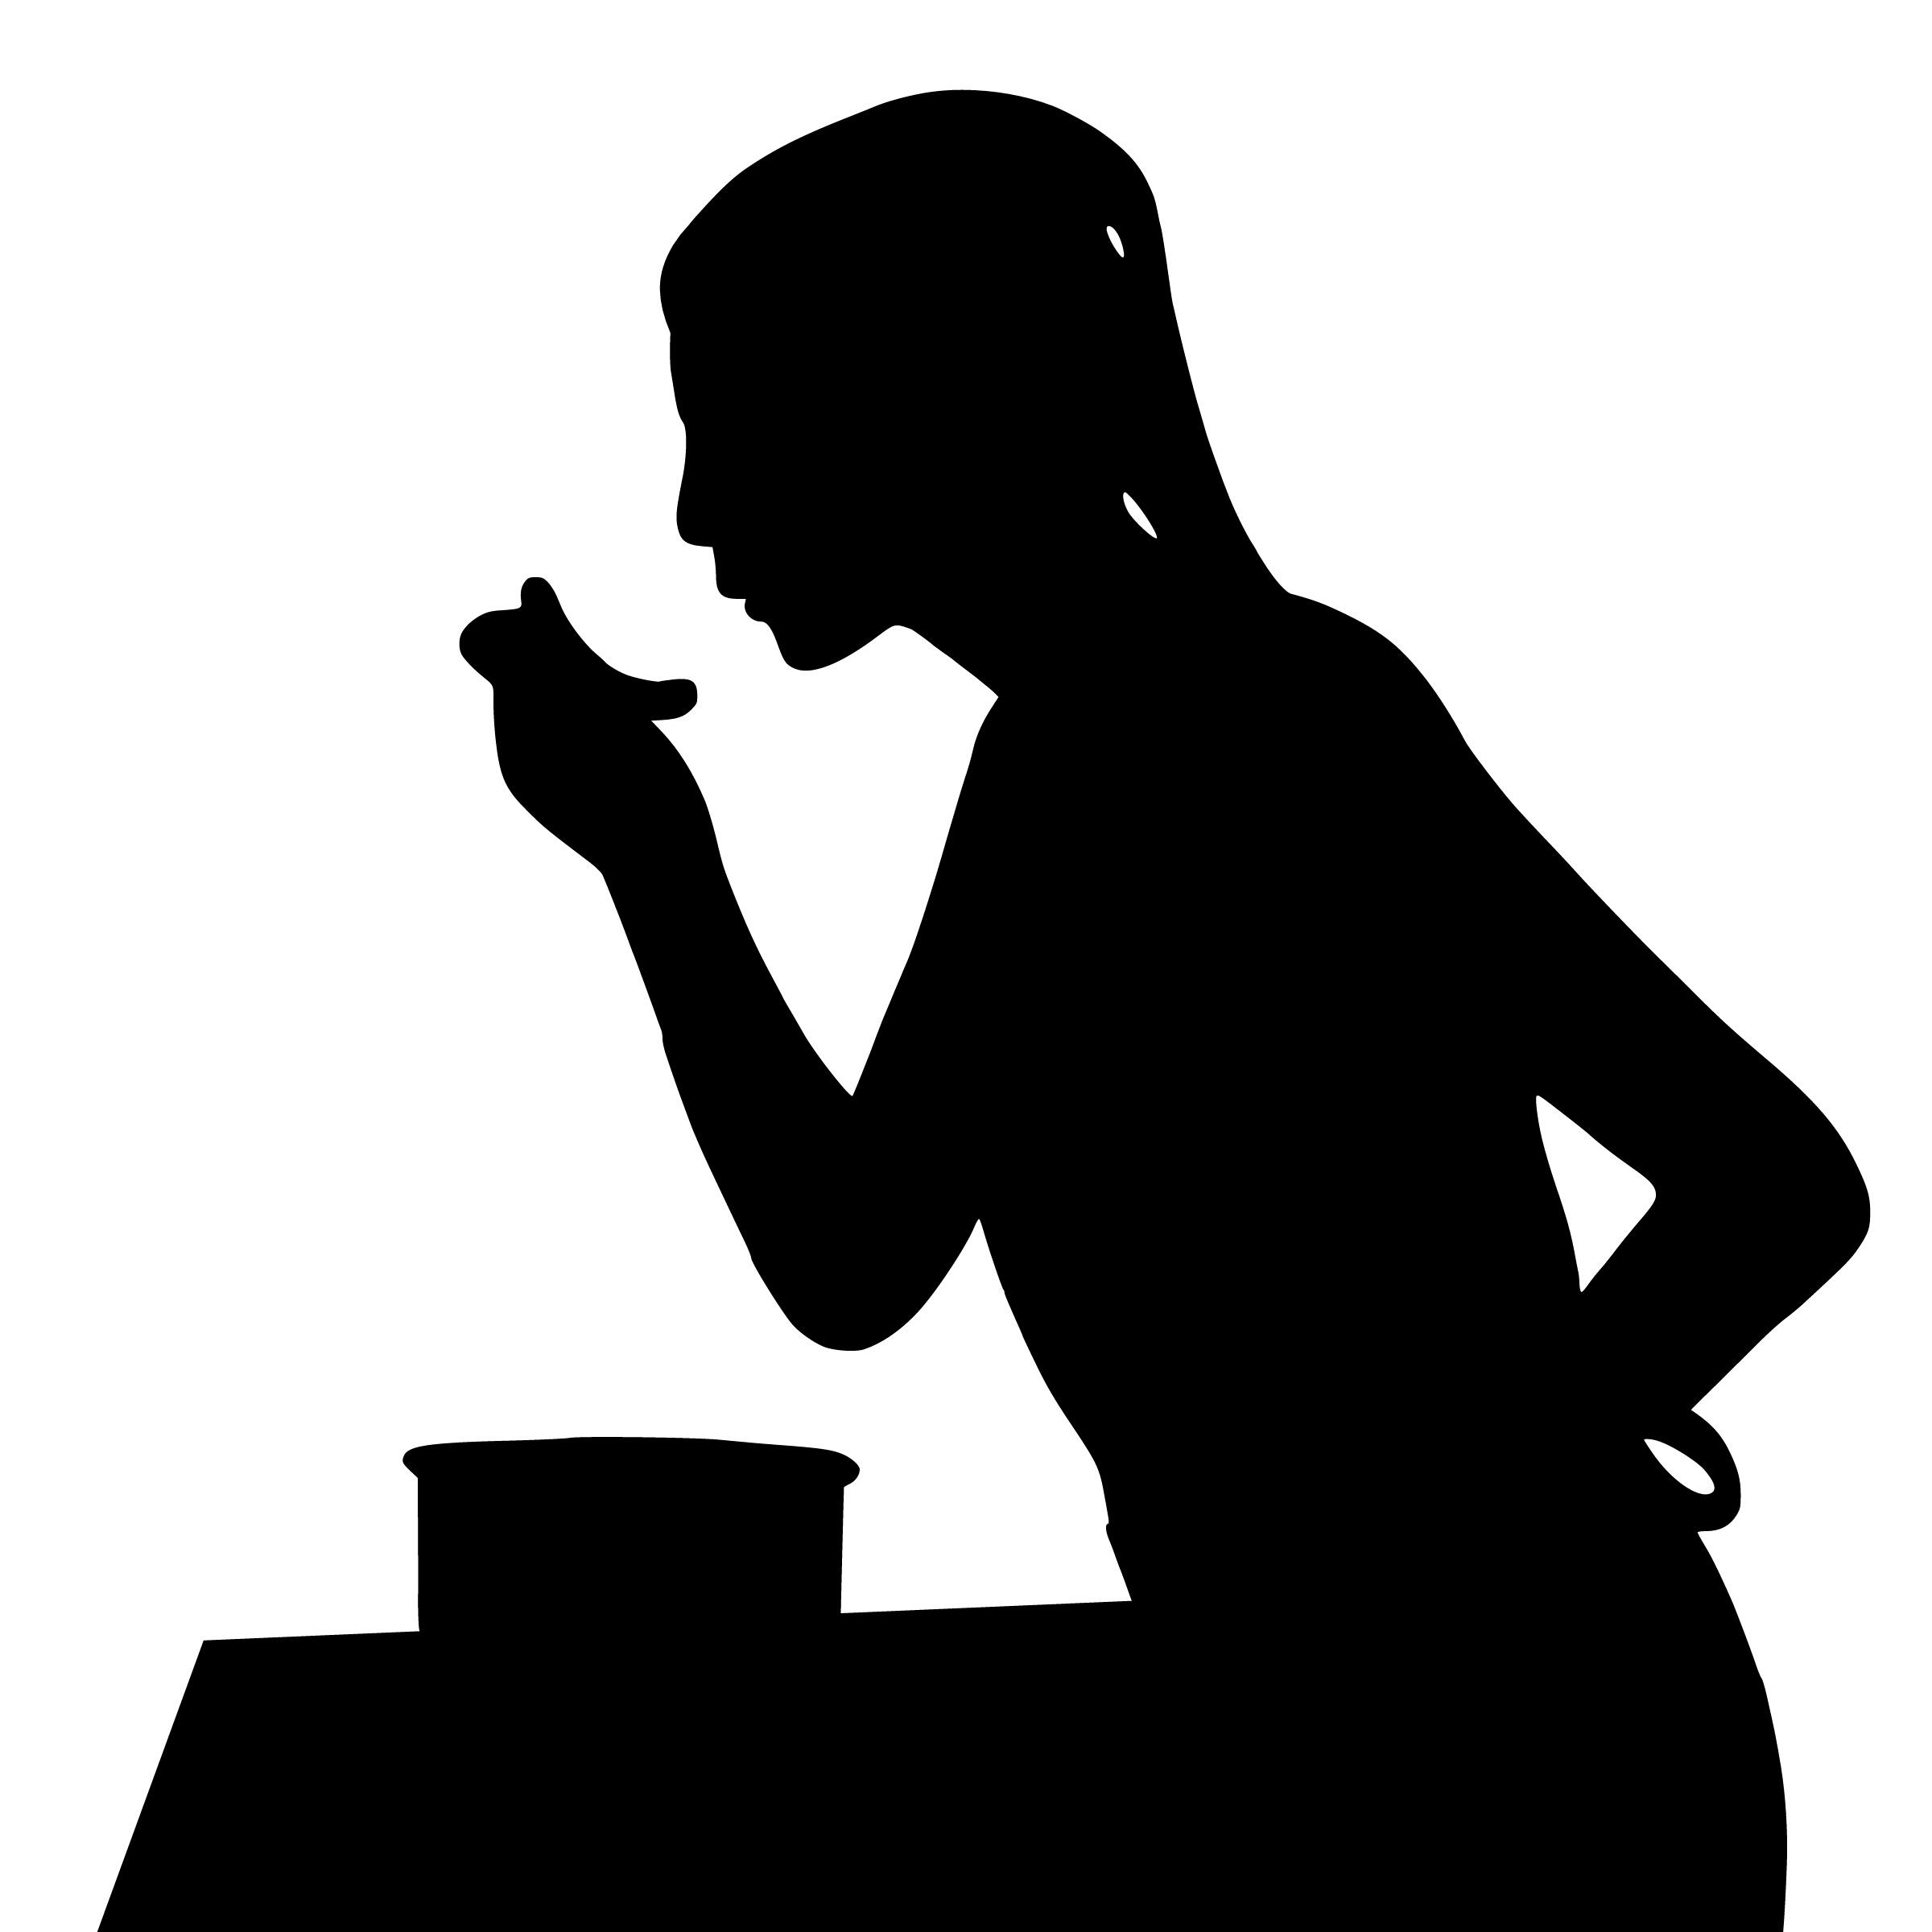 無料画像 : シルエット, 料理, 女性, 試食, フード, キッチン, 主婦